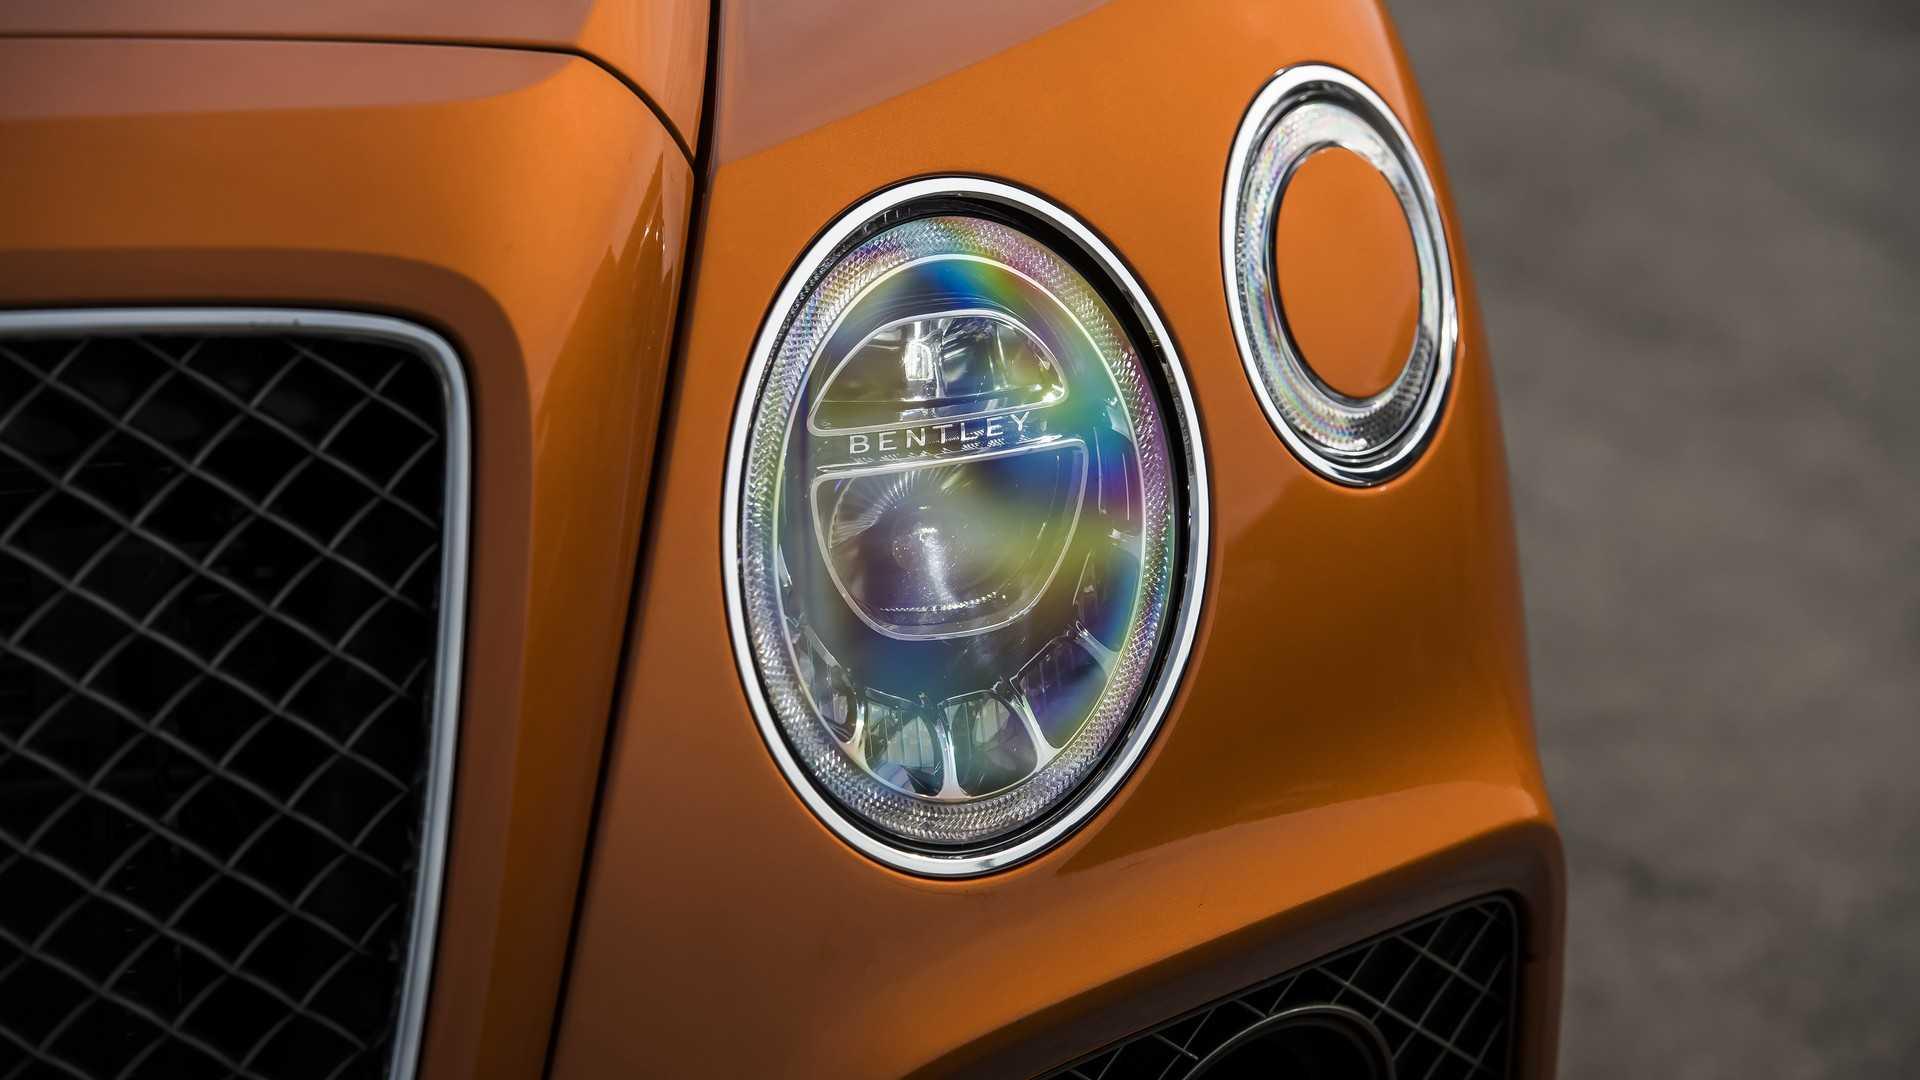 2020 Bentley Bentayga Speed Headlight Wallpaper (13)